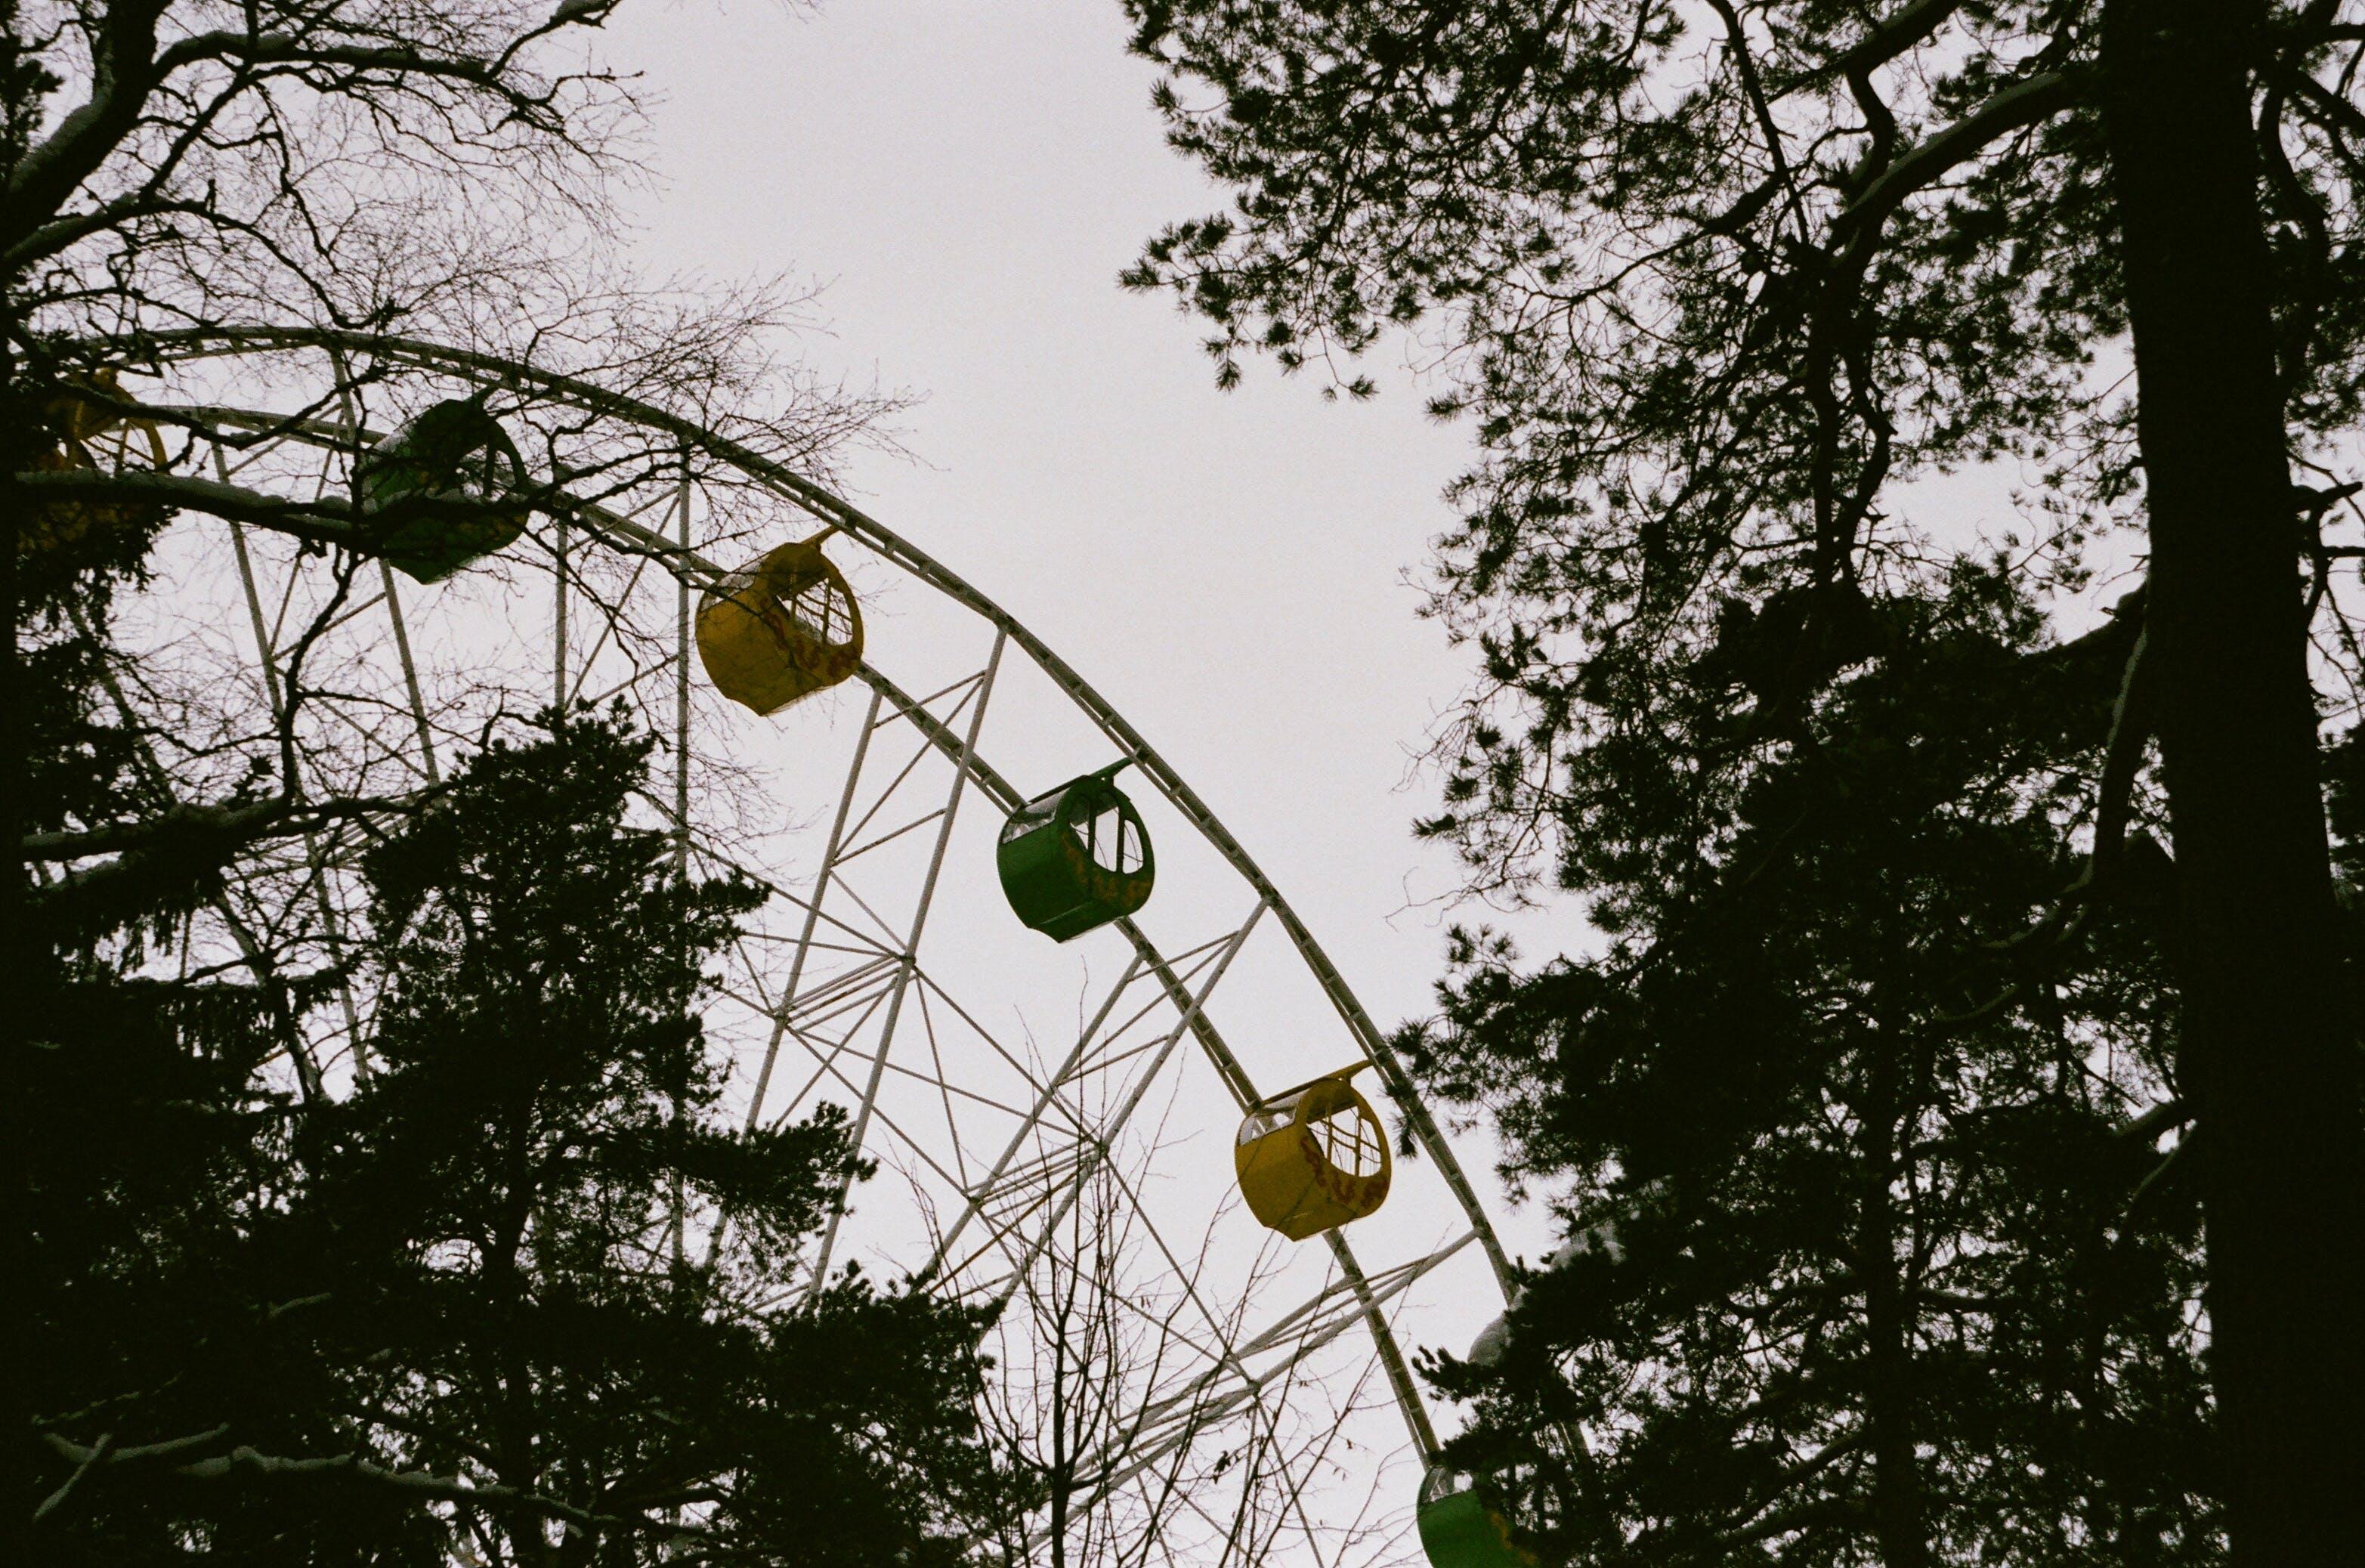 Kostenloses Stock Foto zu landschaft, bäume, park, blätter